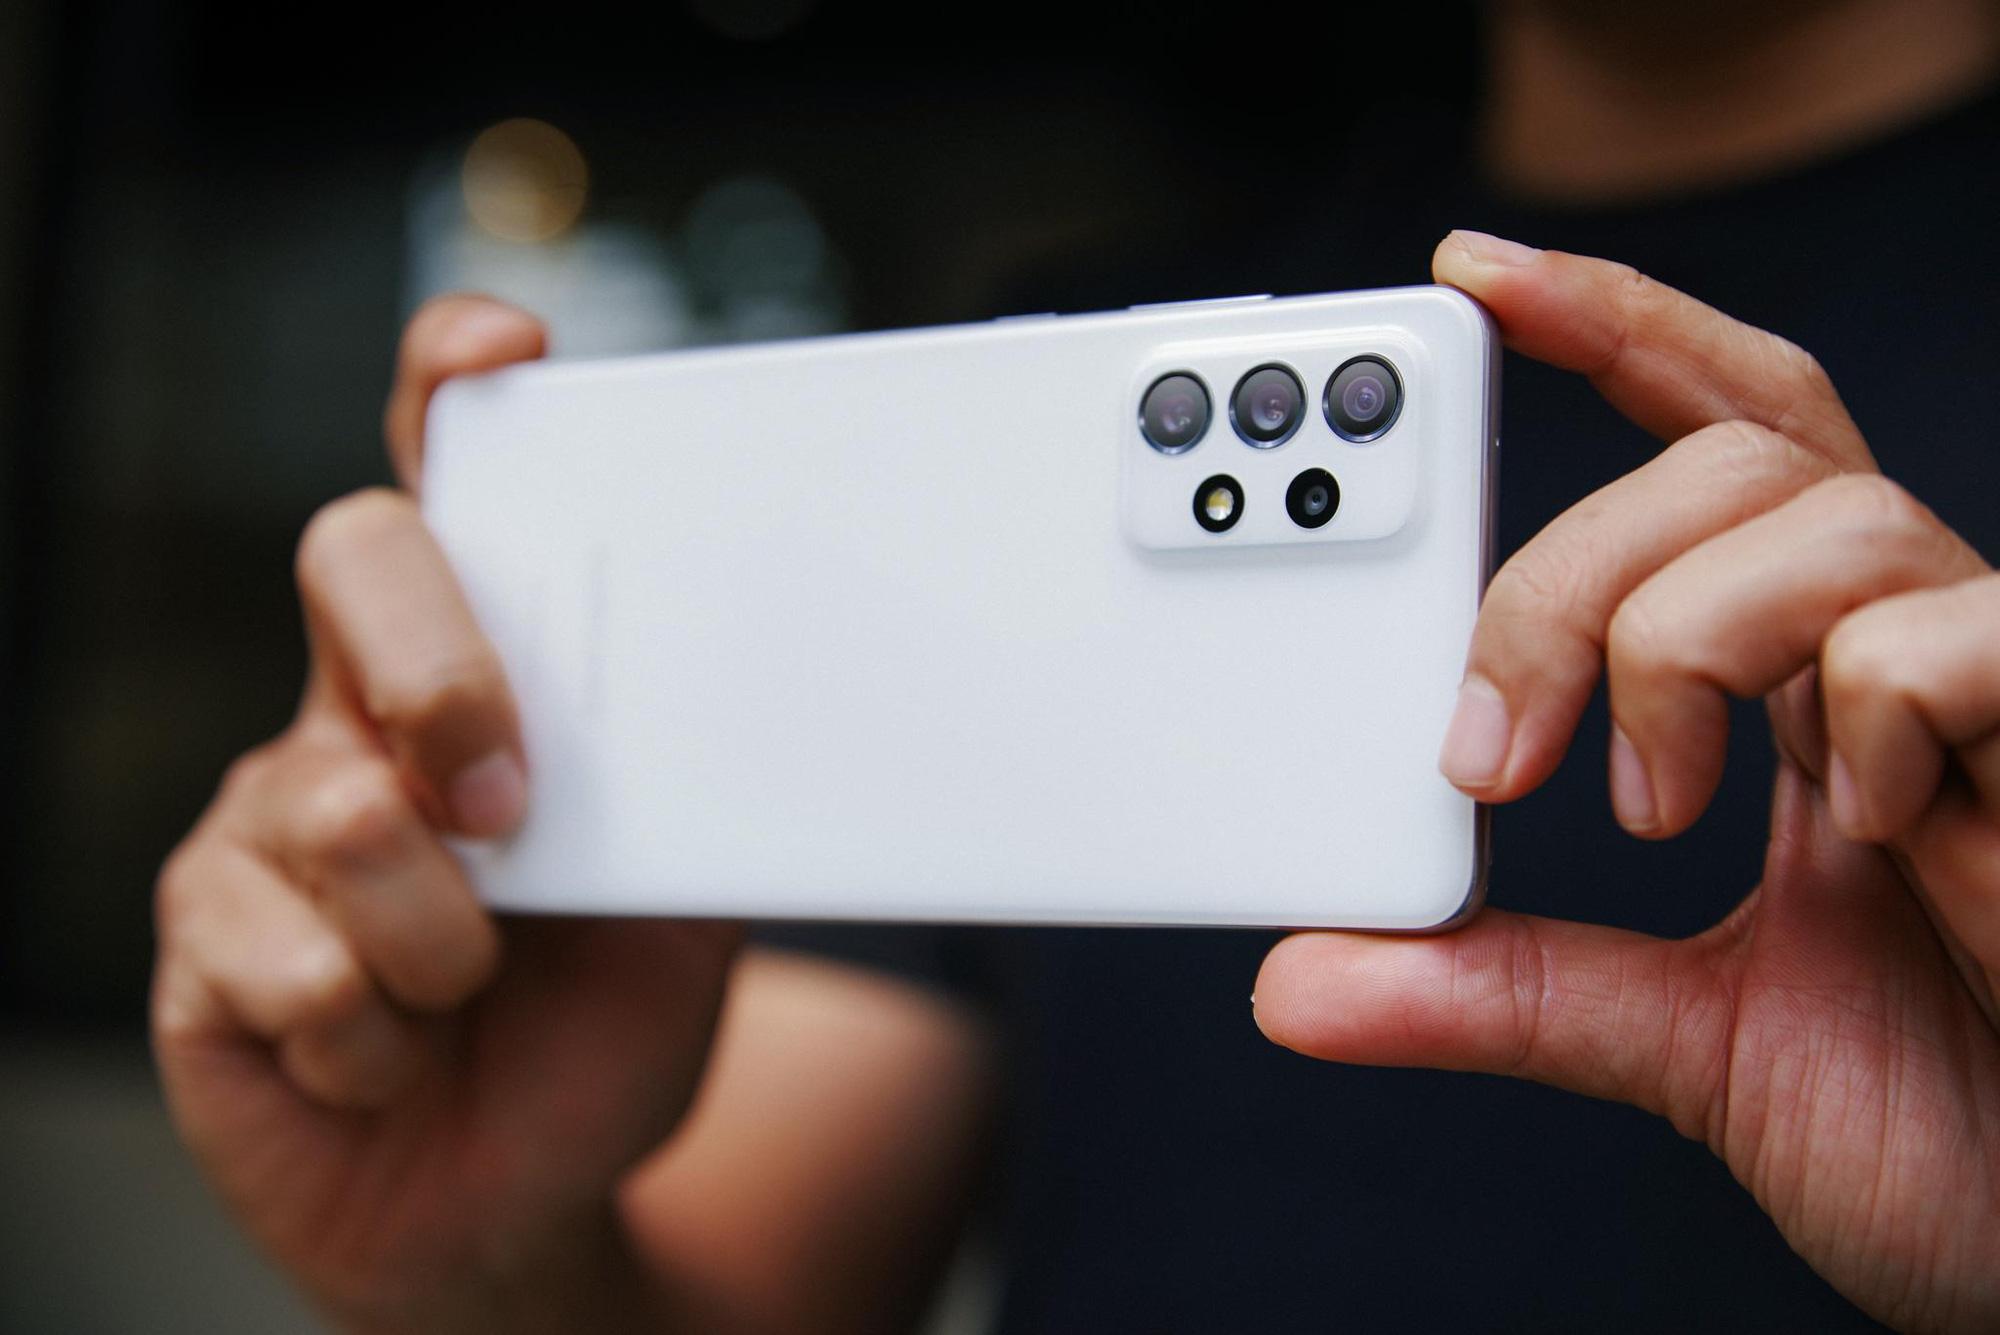 Với những công nghệ này, Galaxy A Series năm nay sẽ là smartphone ở mức giá tầm trung có lực chiến cao nhất hiện tại - Ảnh 2.